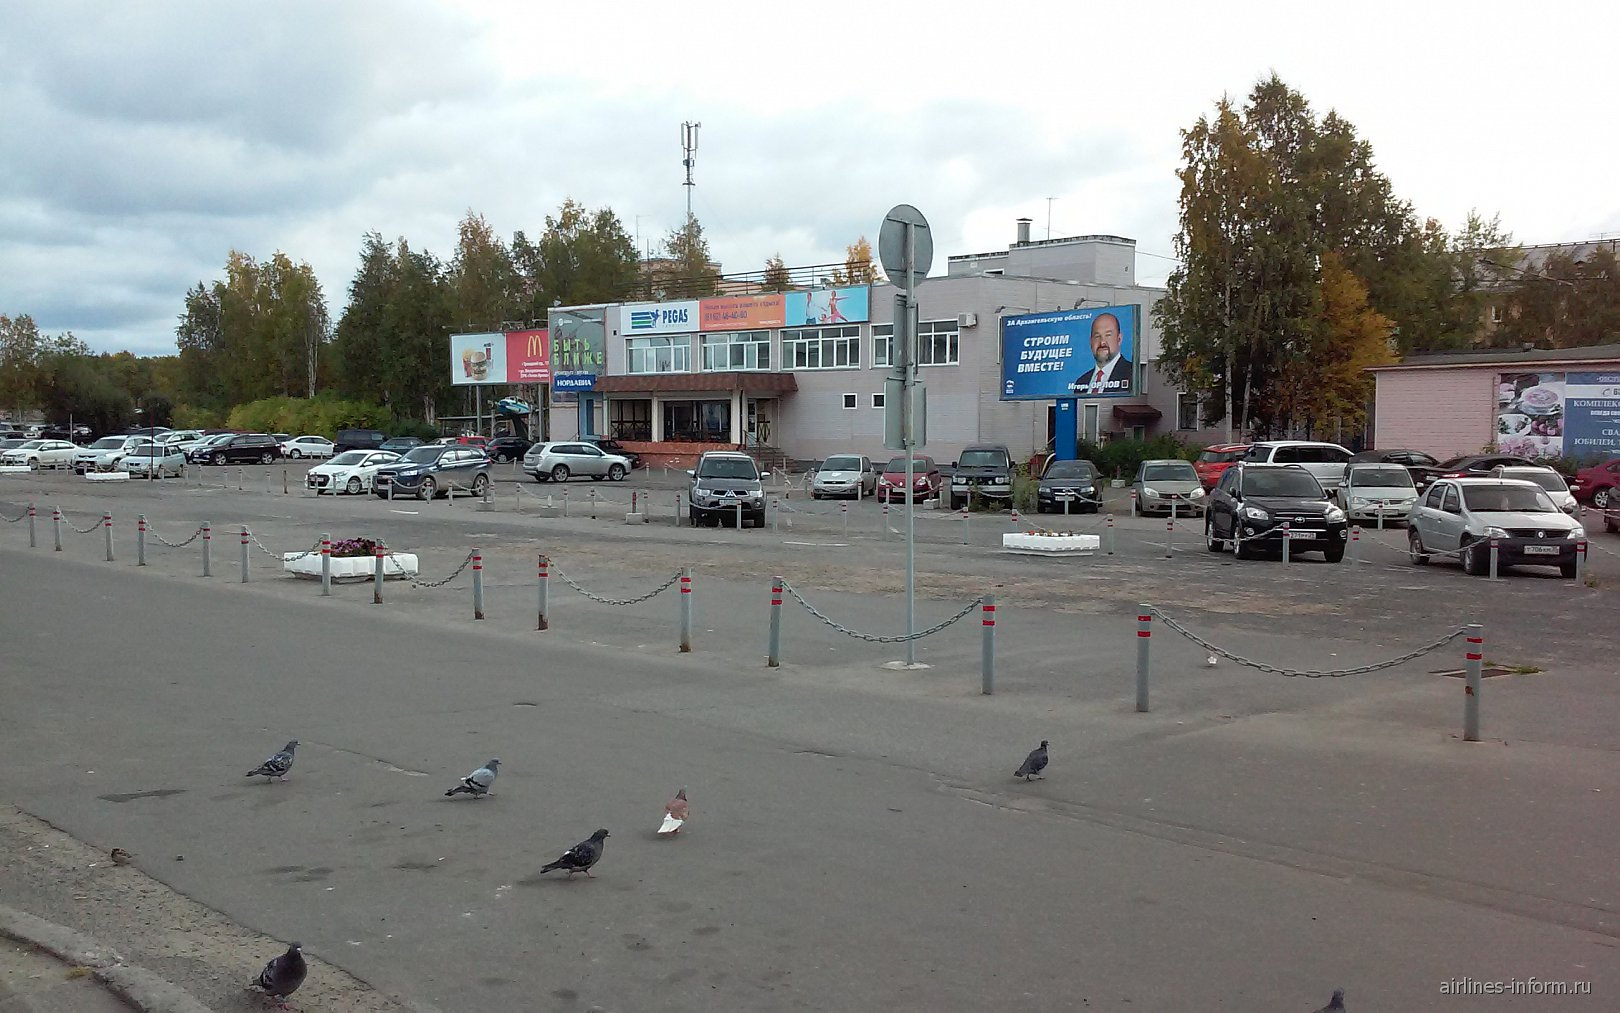 Привокзальная площадь аэропорта Архангельск Талаги